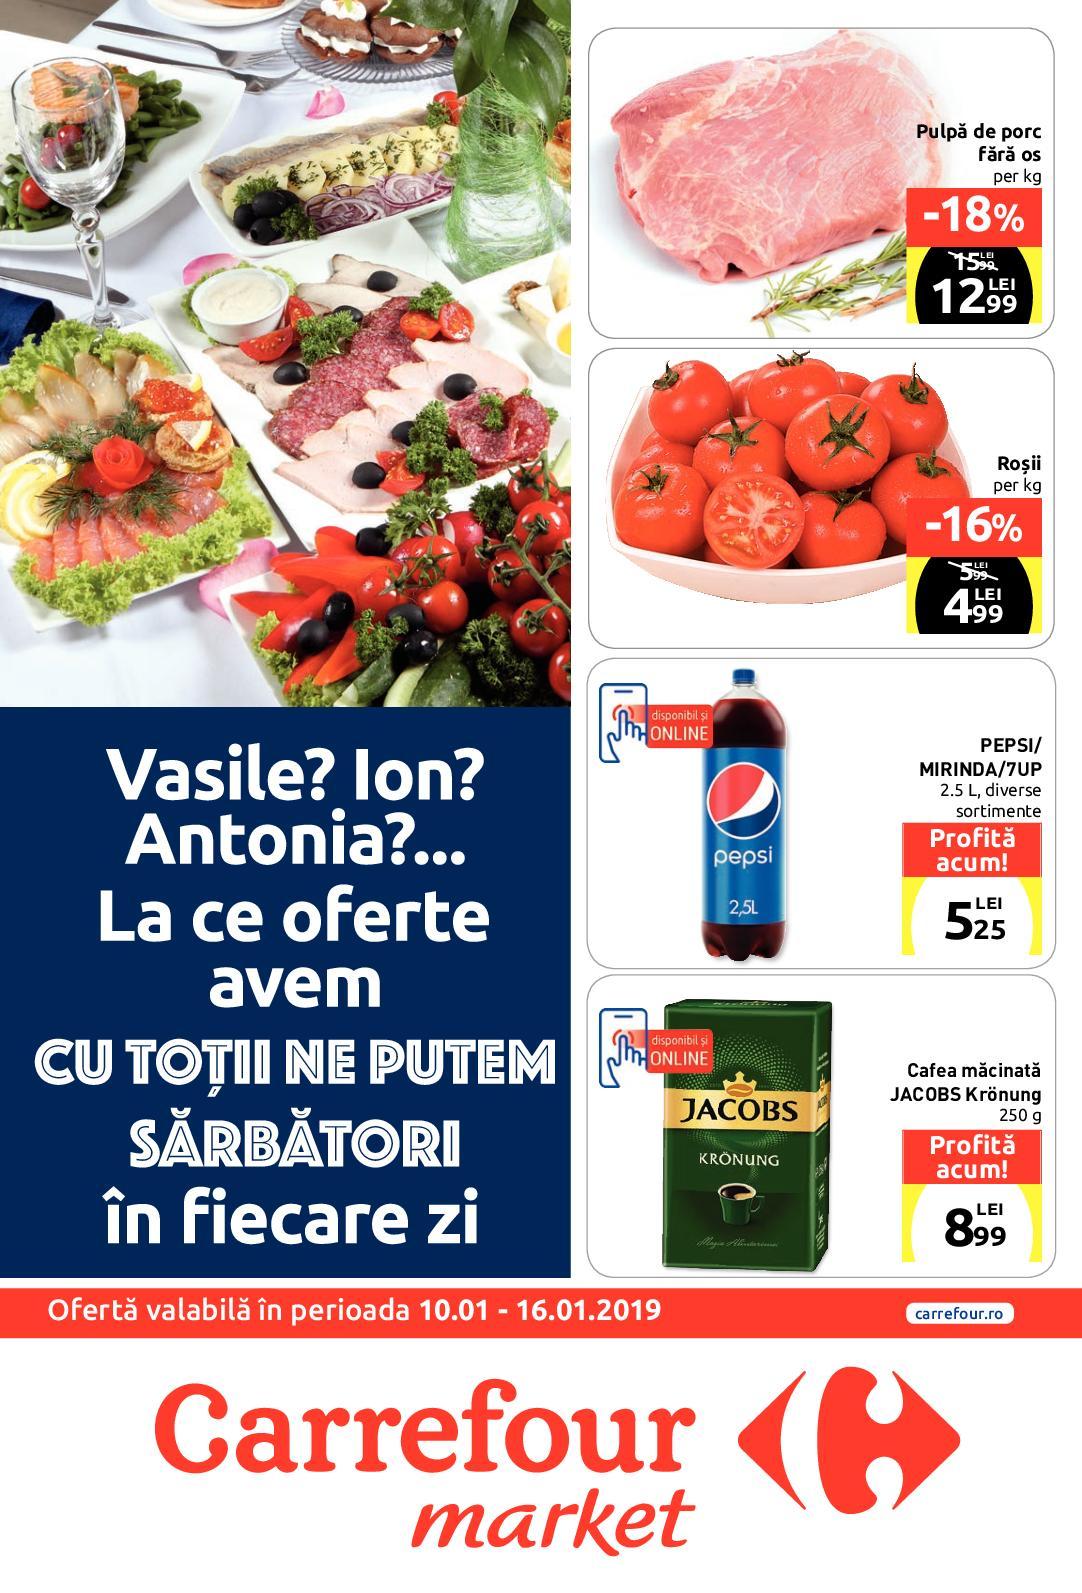 Calaméo - Catalog Carrefour - Market CU PIN